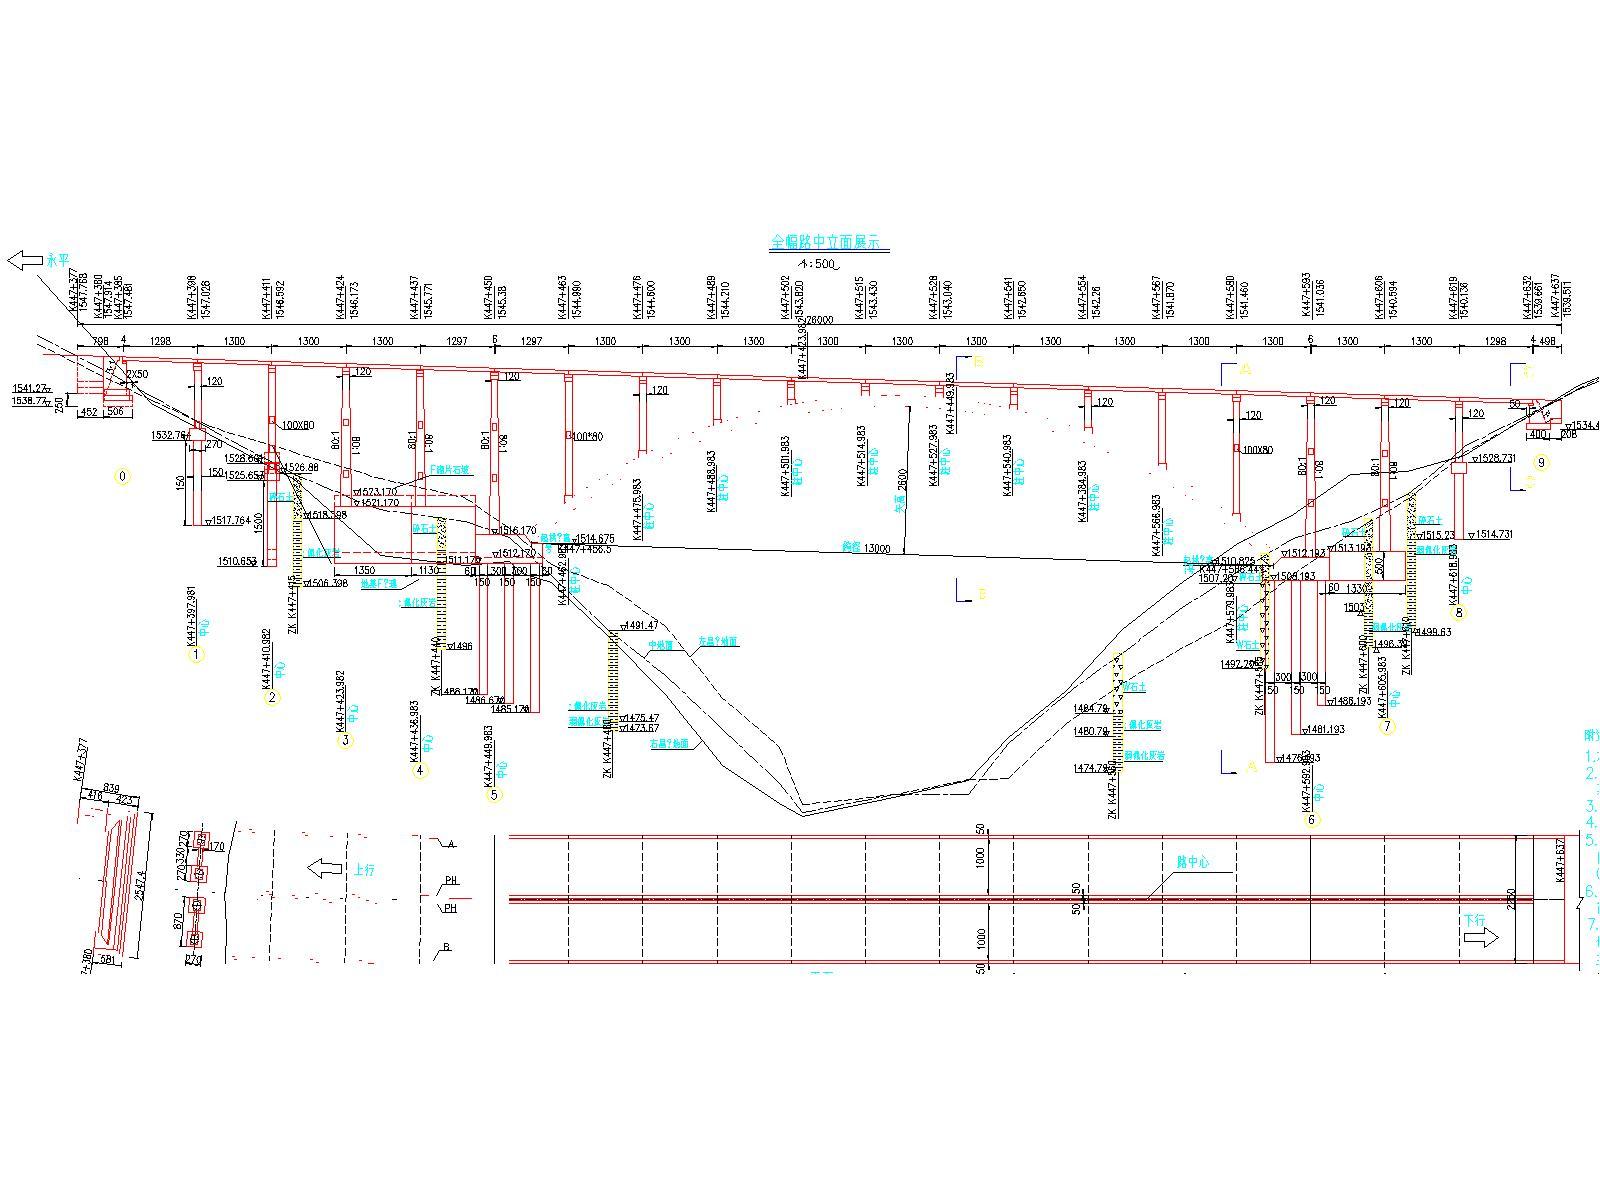 25m 设计速度:80 km/h    荷载等级:公路—Ⅰ级 行车道数:双向四车道图片